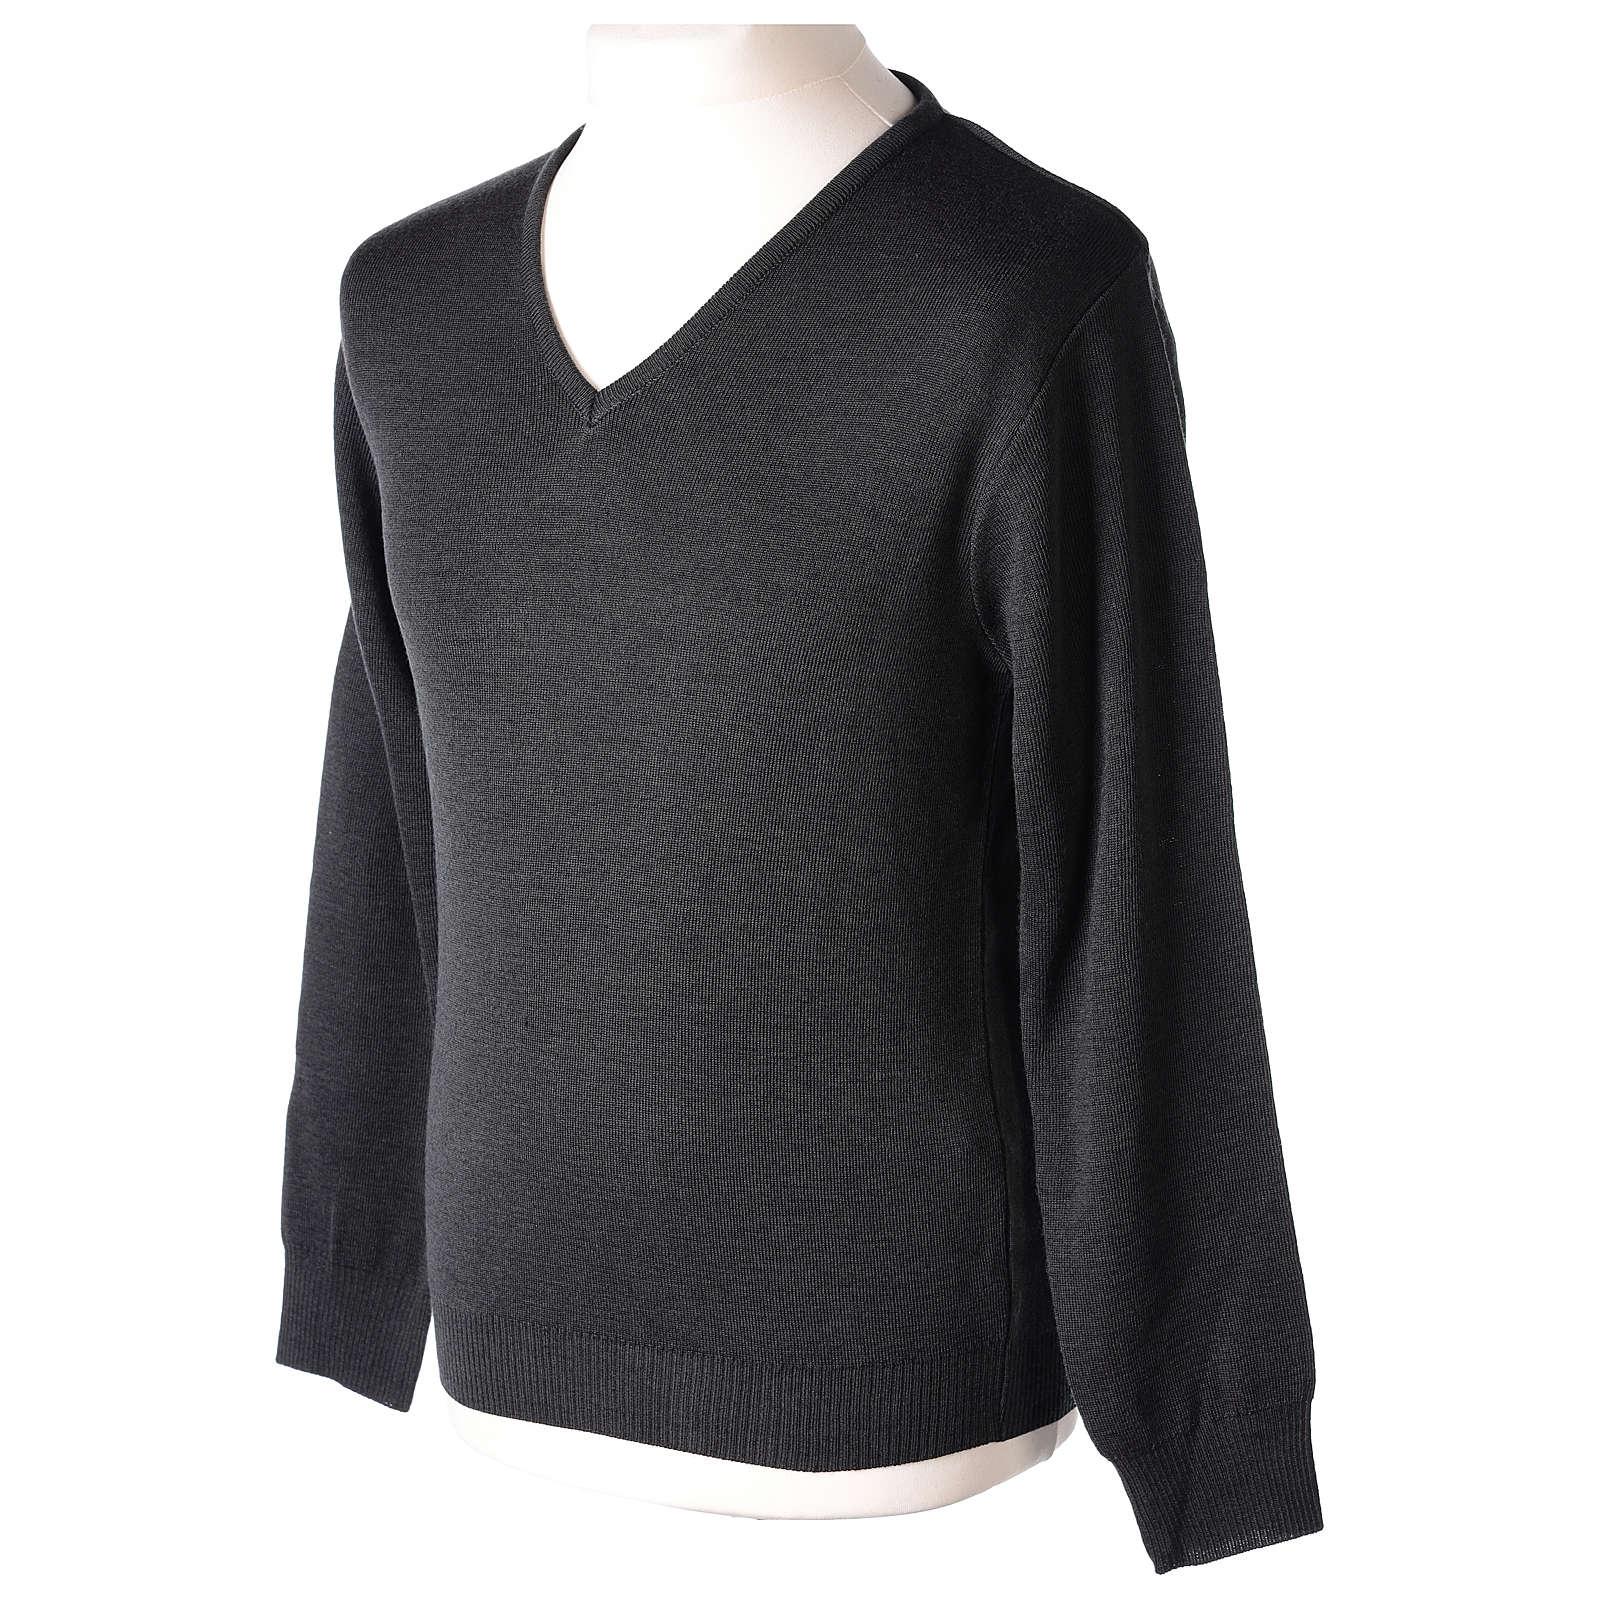 Pullover sacerdote scollo V antracite in maglia unita 50% lana merino 50% acrilico In Primis 4